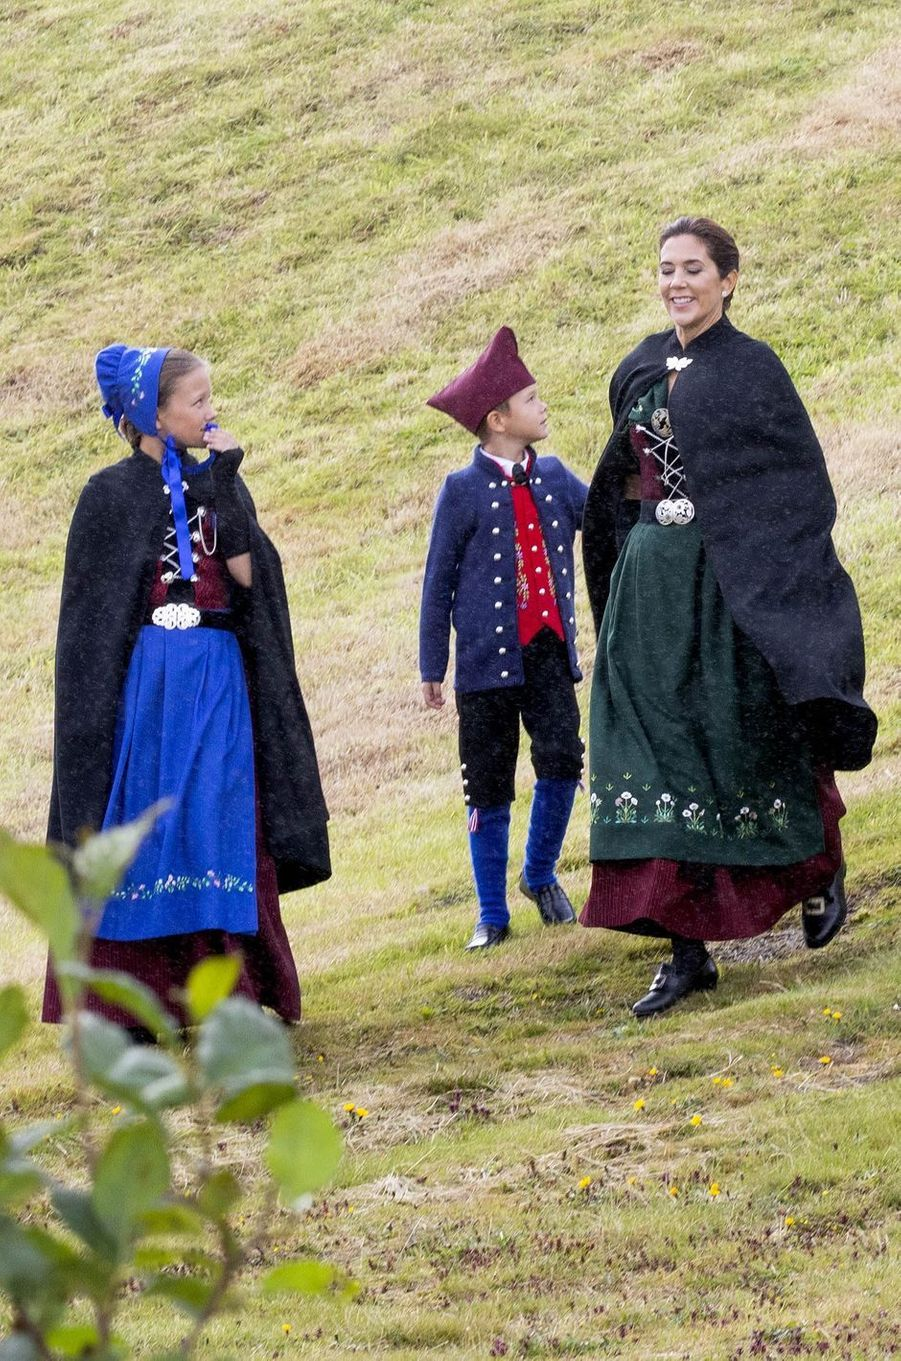 La princesse Mary de Danemark avec la princesse Isabella et le prince Vincent aux îles Féroé, le 23 août 2018